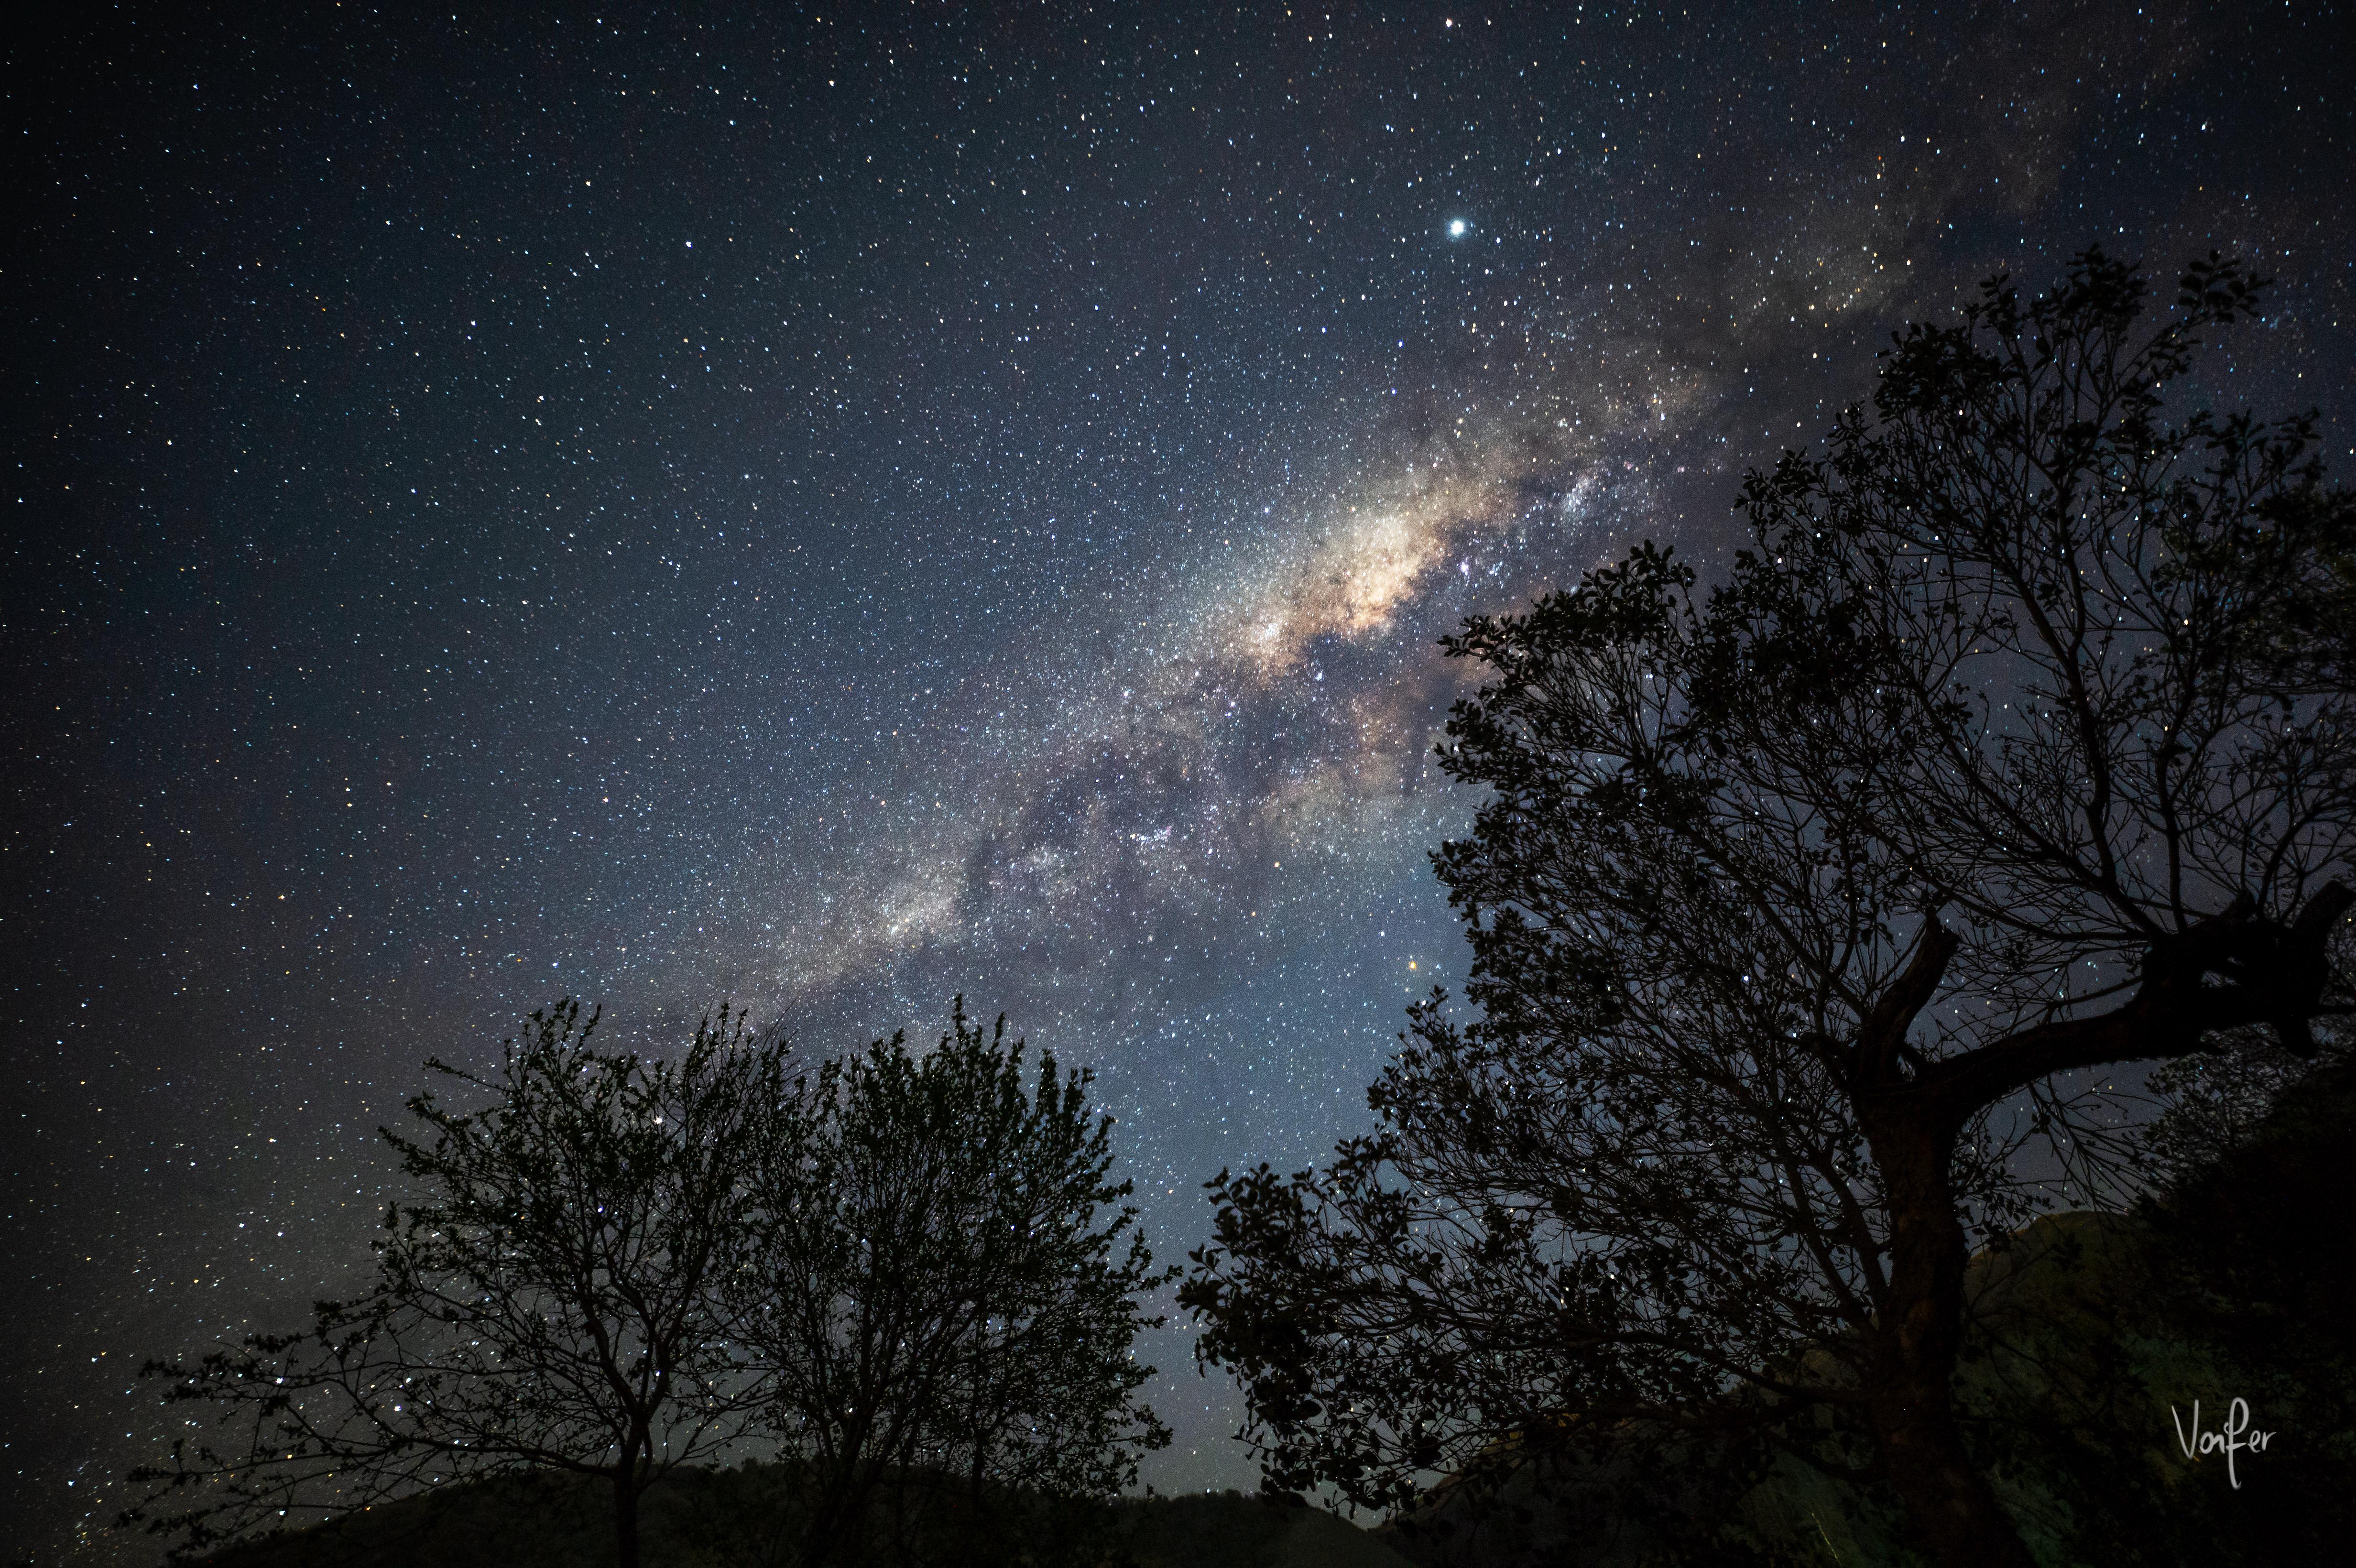 142777 скачать обои Темные, Туманность, Деревья, Ветки, Силуэт, Звезды - заставки и картинки бесплатно